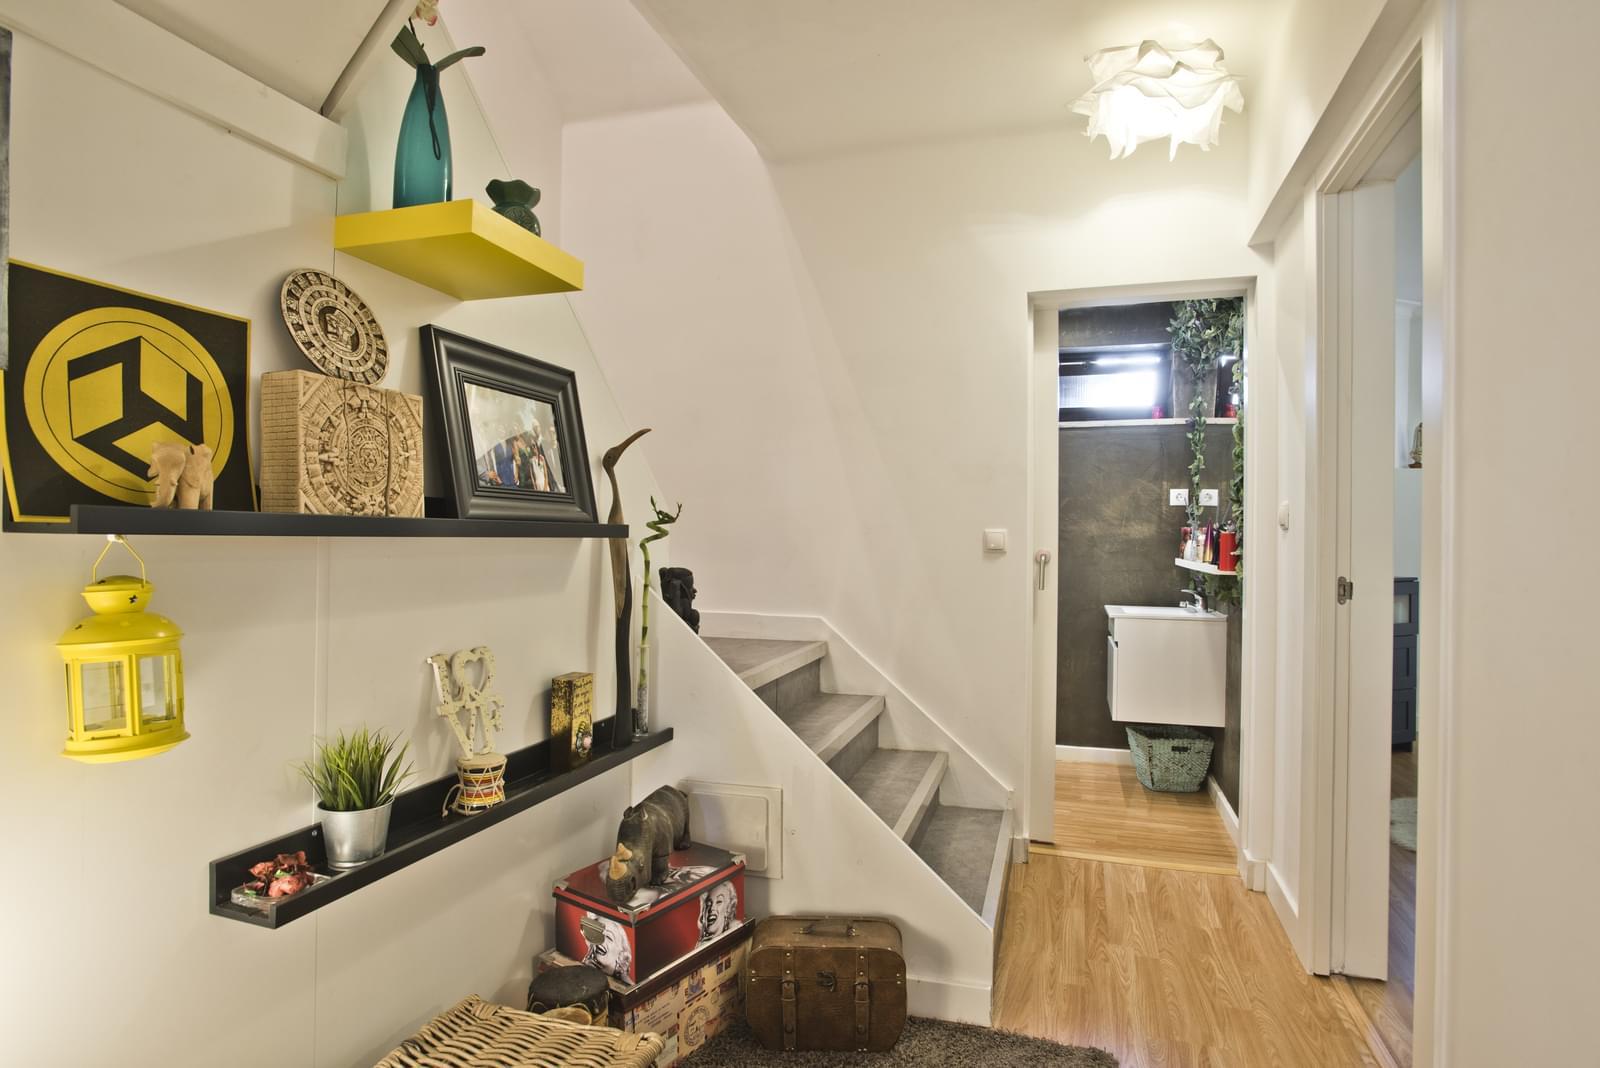 pf17010-apartamento-t4-cascais-77bac1d8-02ce-4aee-bb98-3cdbc5fc2c09